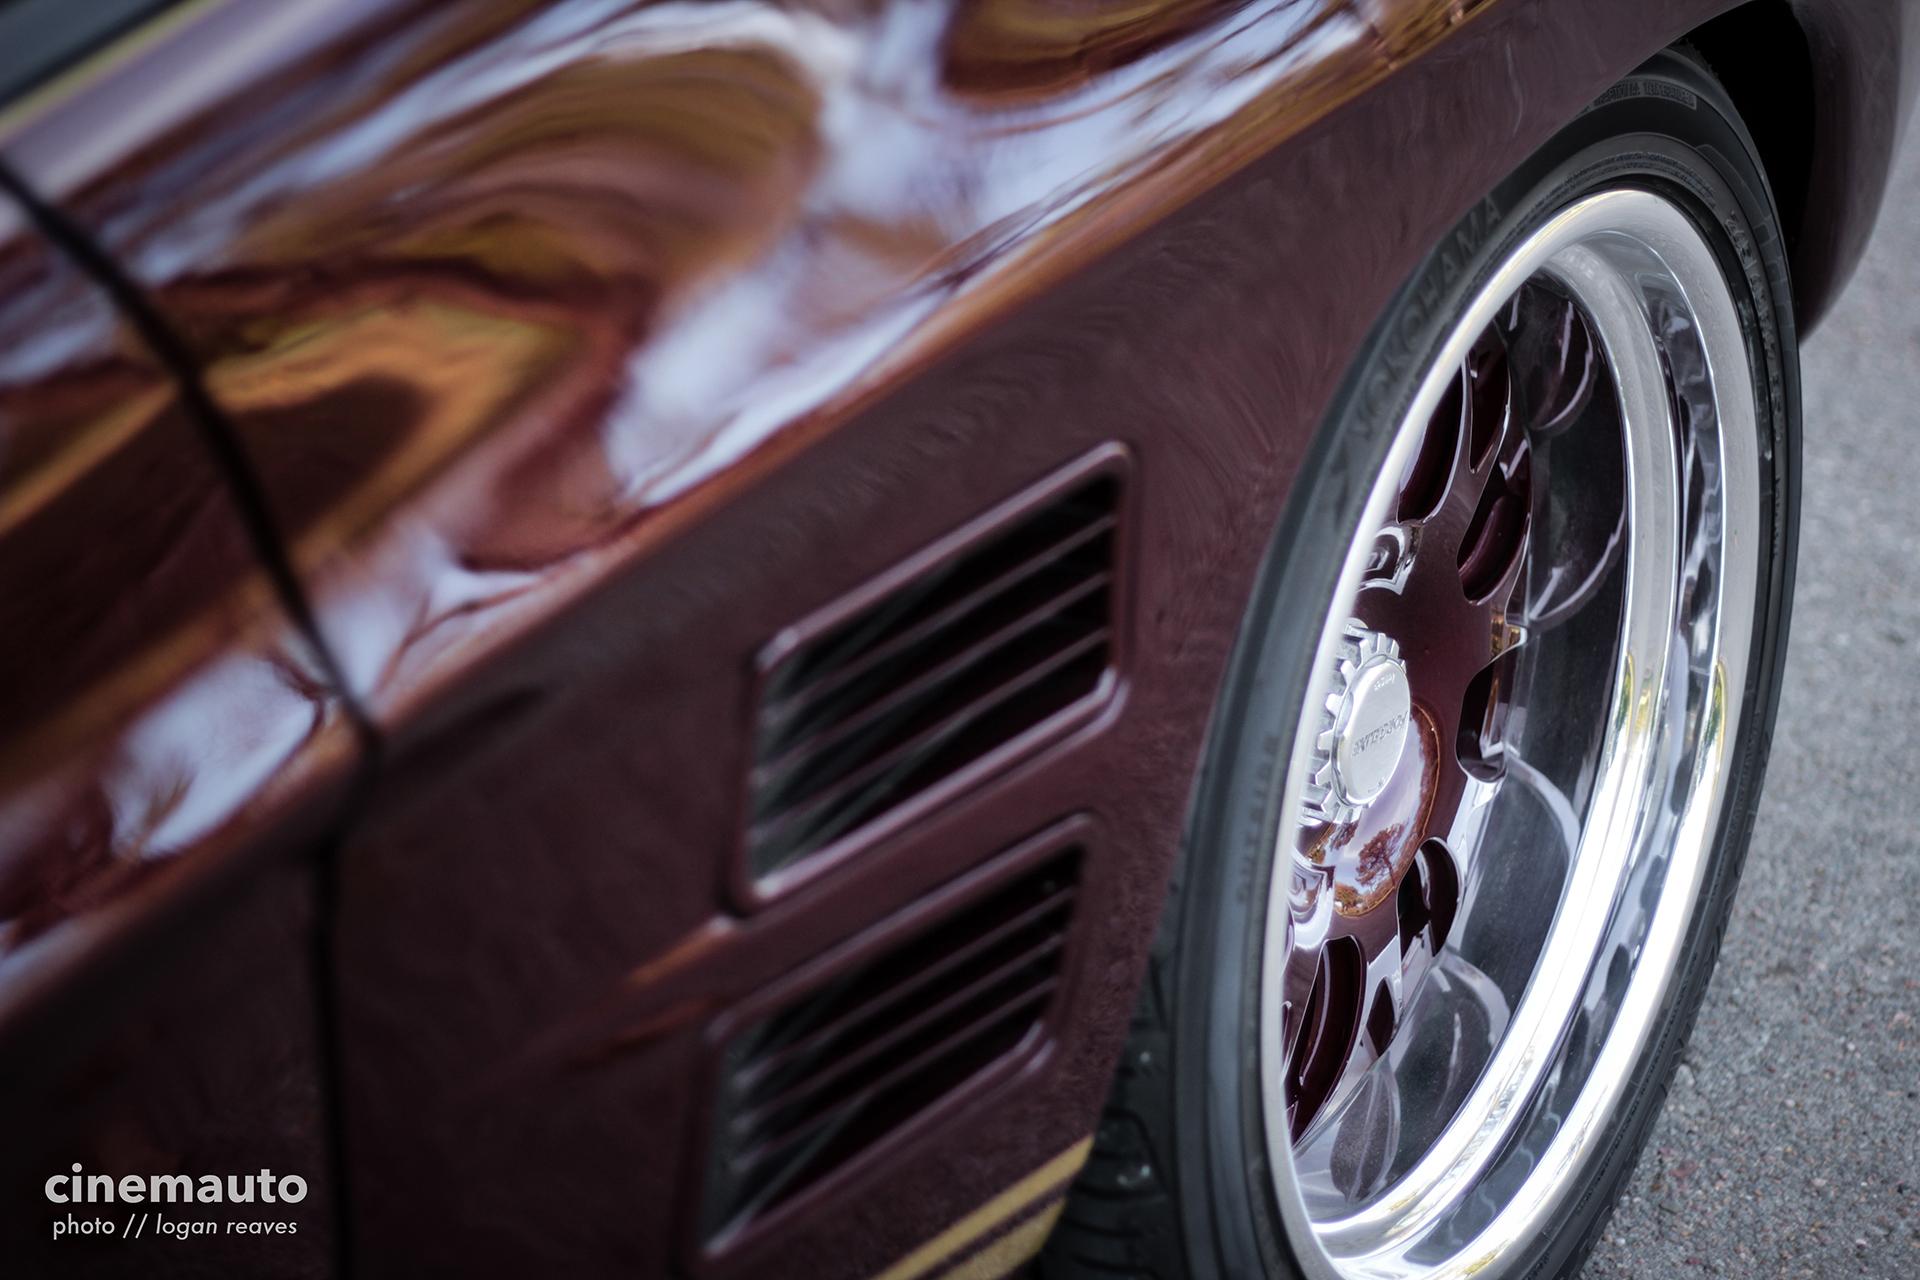 cinemauto-ford-capri-9.jpg